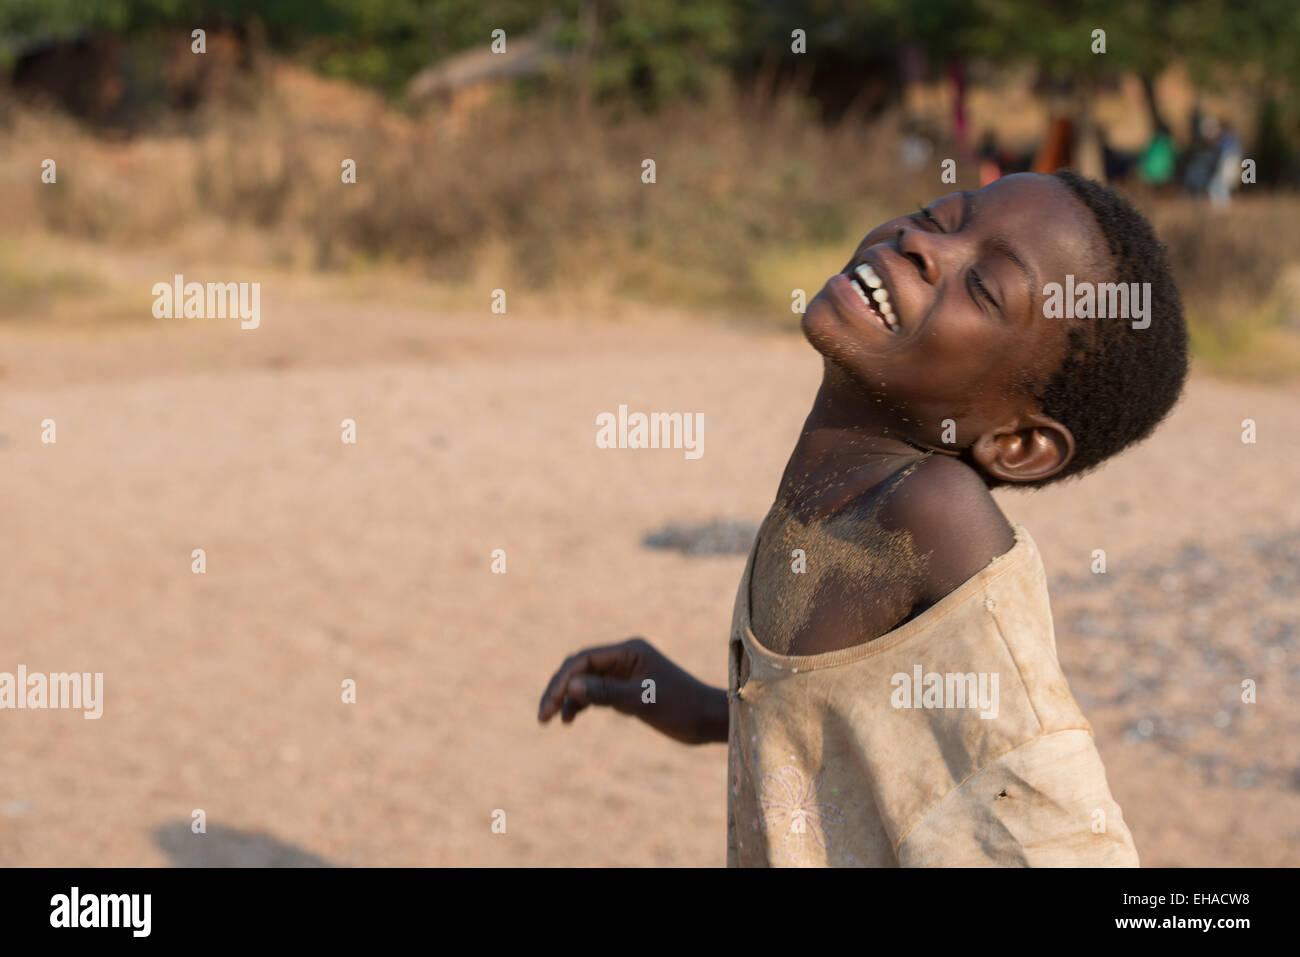 Lake Tanganyika, Boy At Fishermen's Village - Stock Image